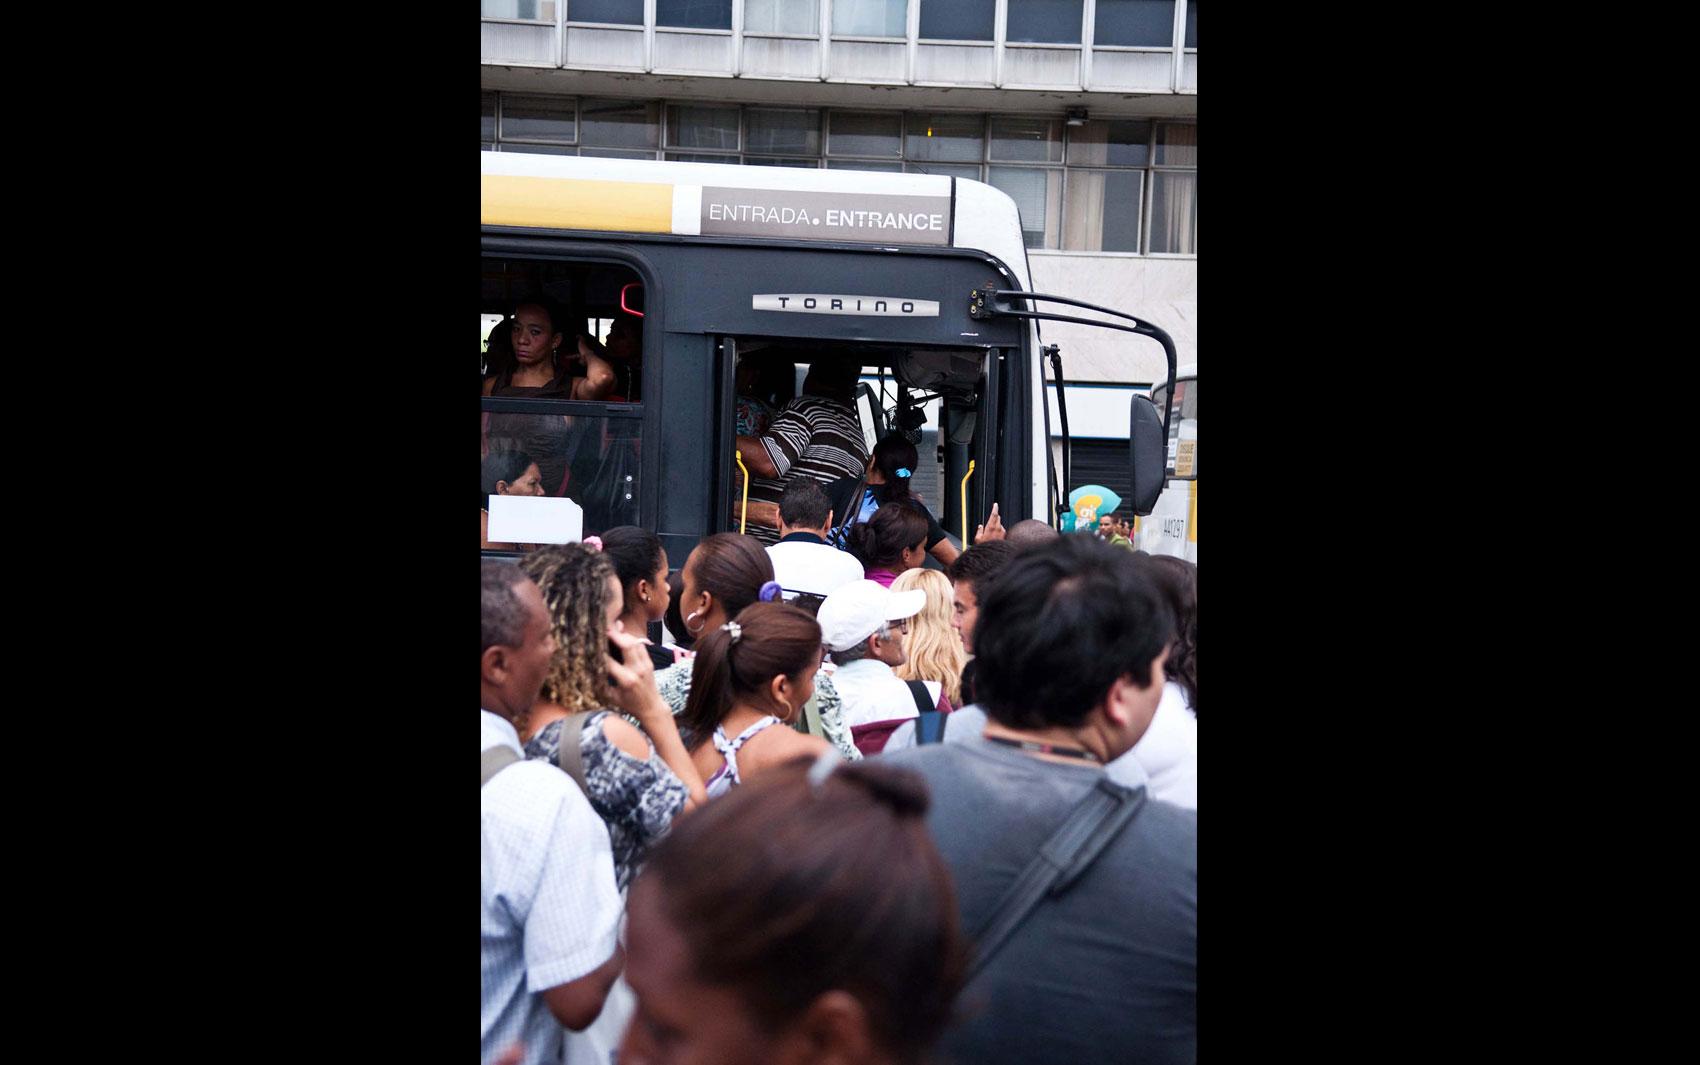 Passageiros disputam espaço na entrada de um ônibus na Central do Brasil